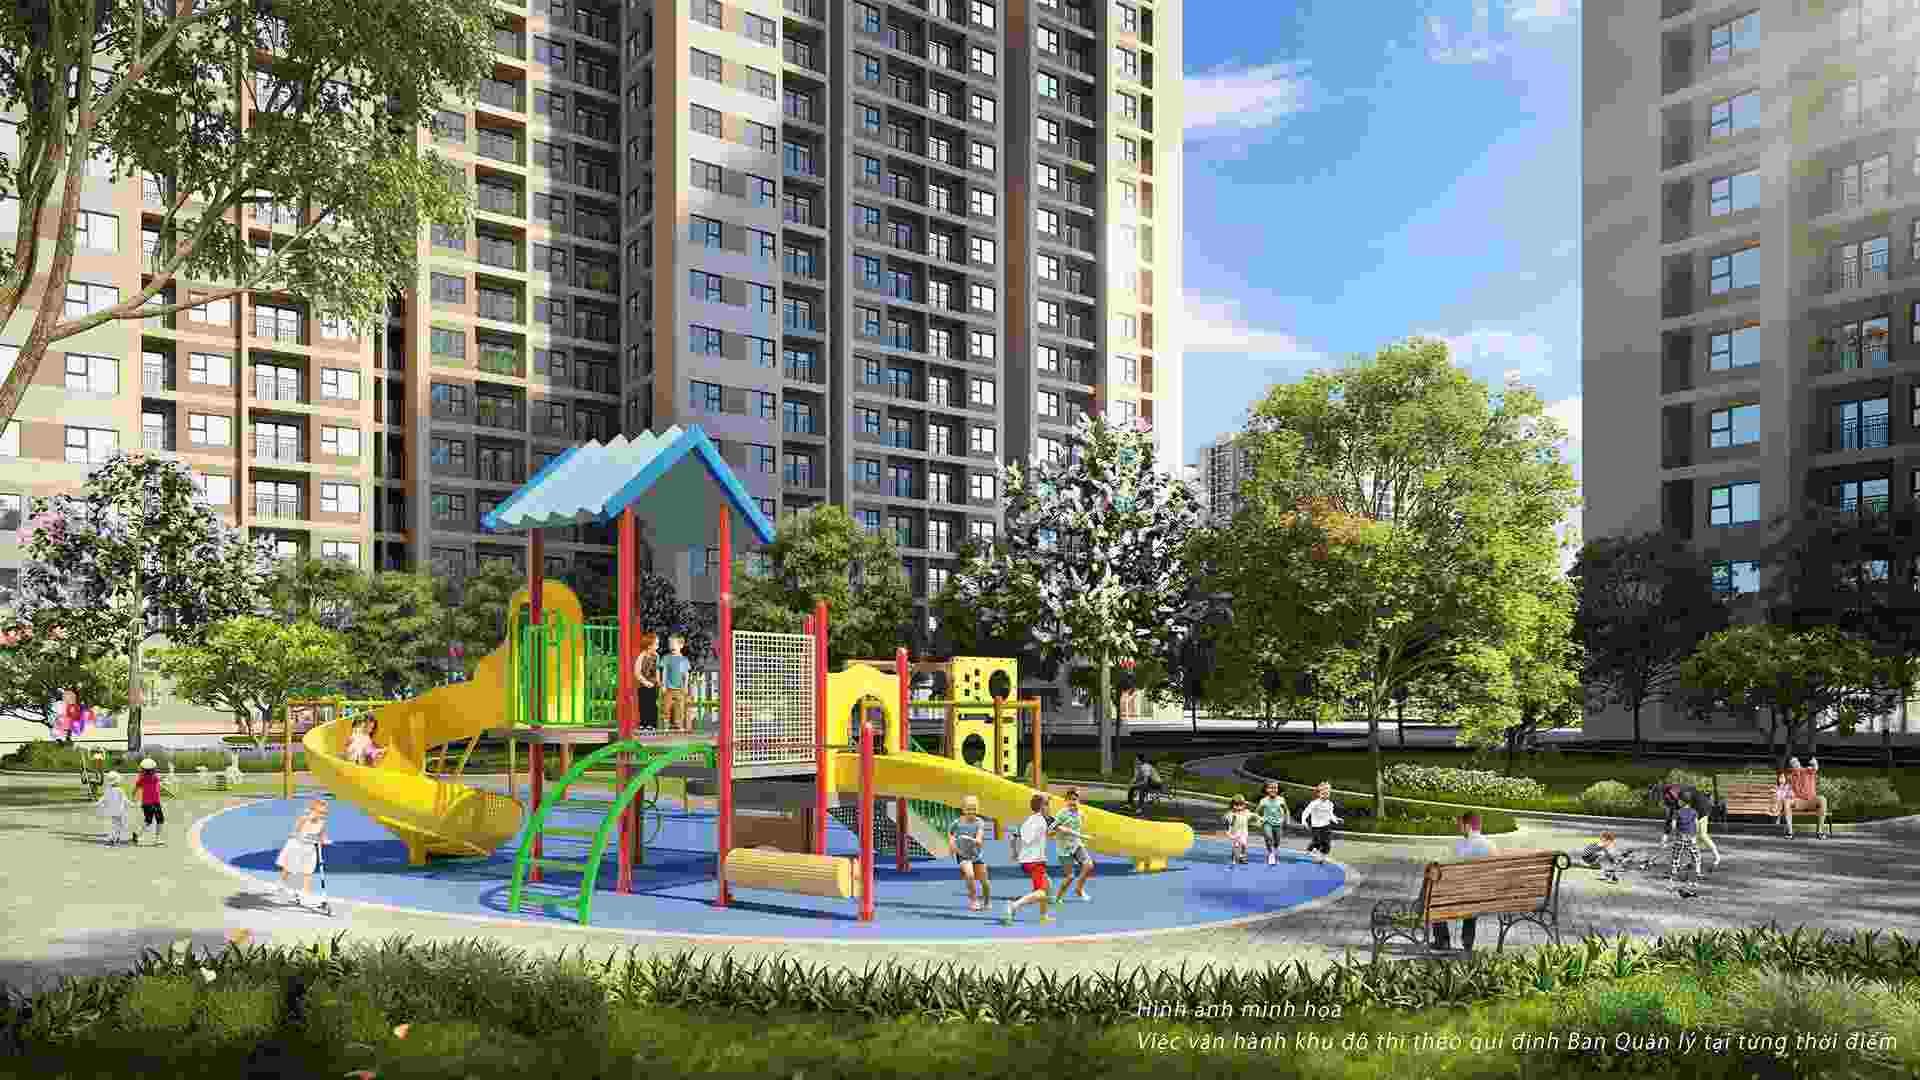 Sân vui chơi dành cho trẻ em tại Vin Bắc Giang